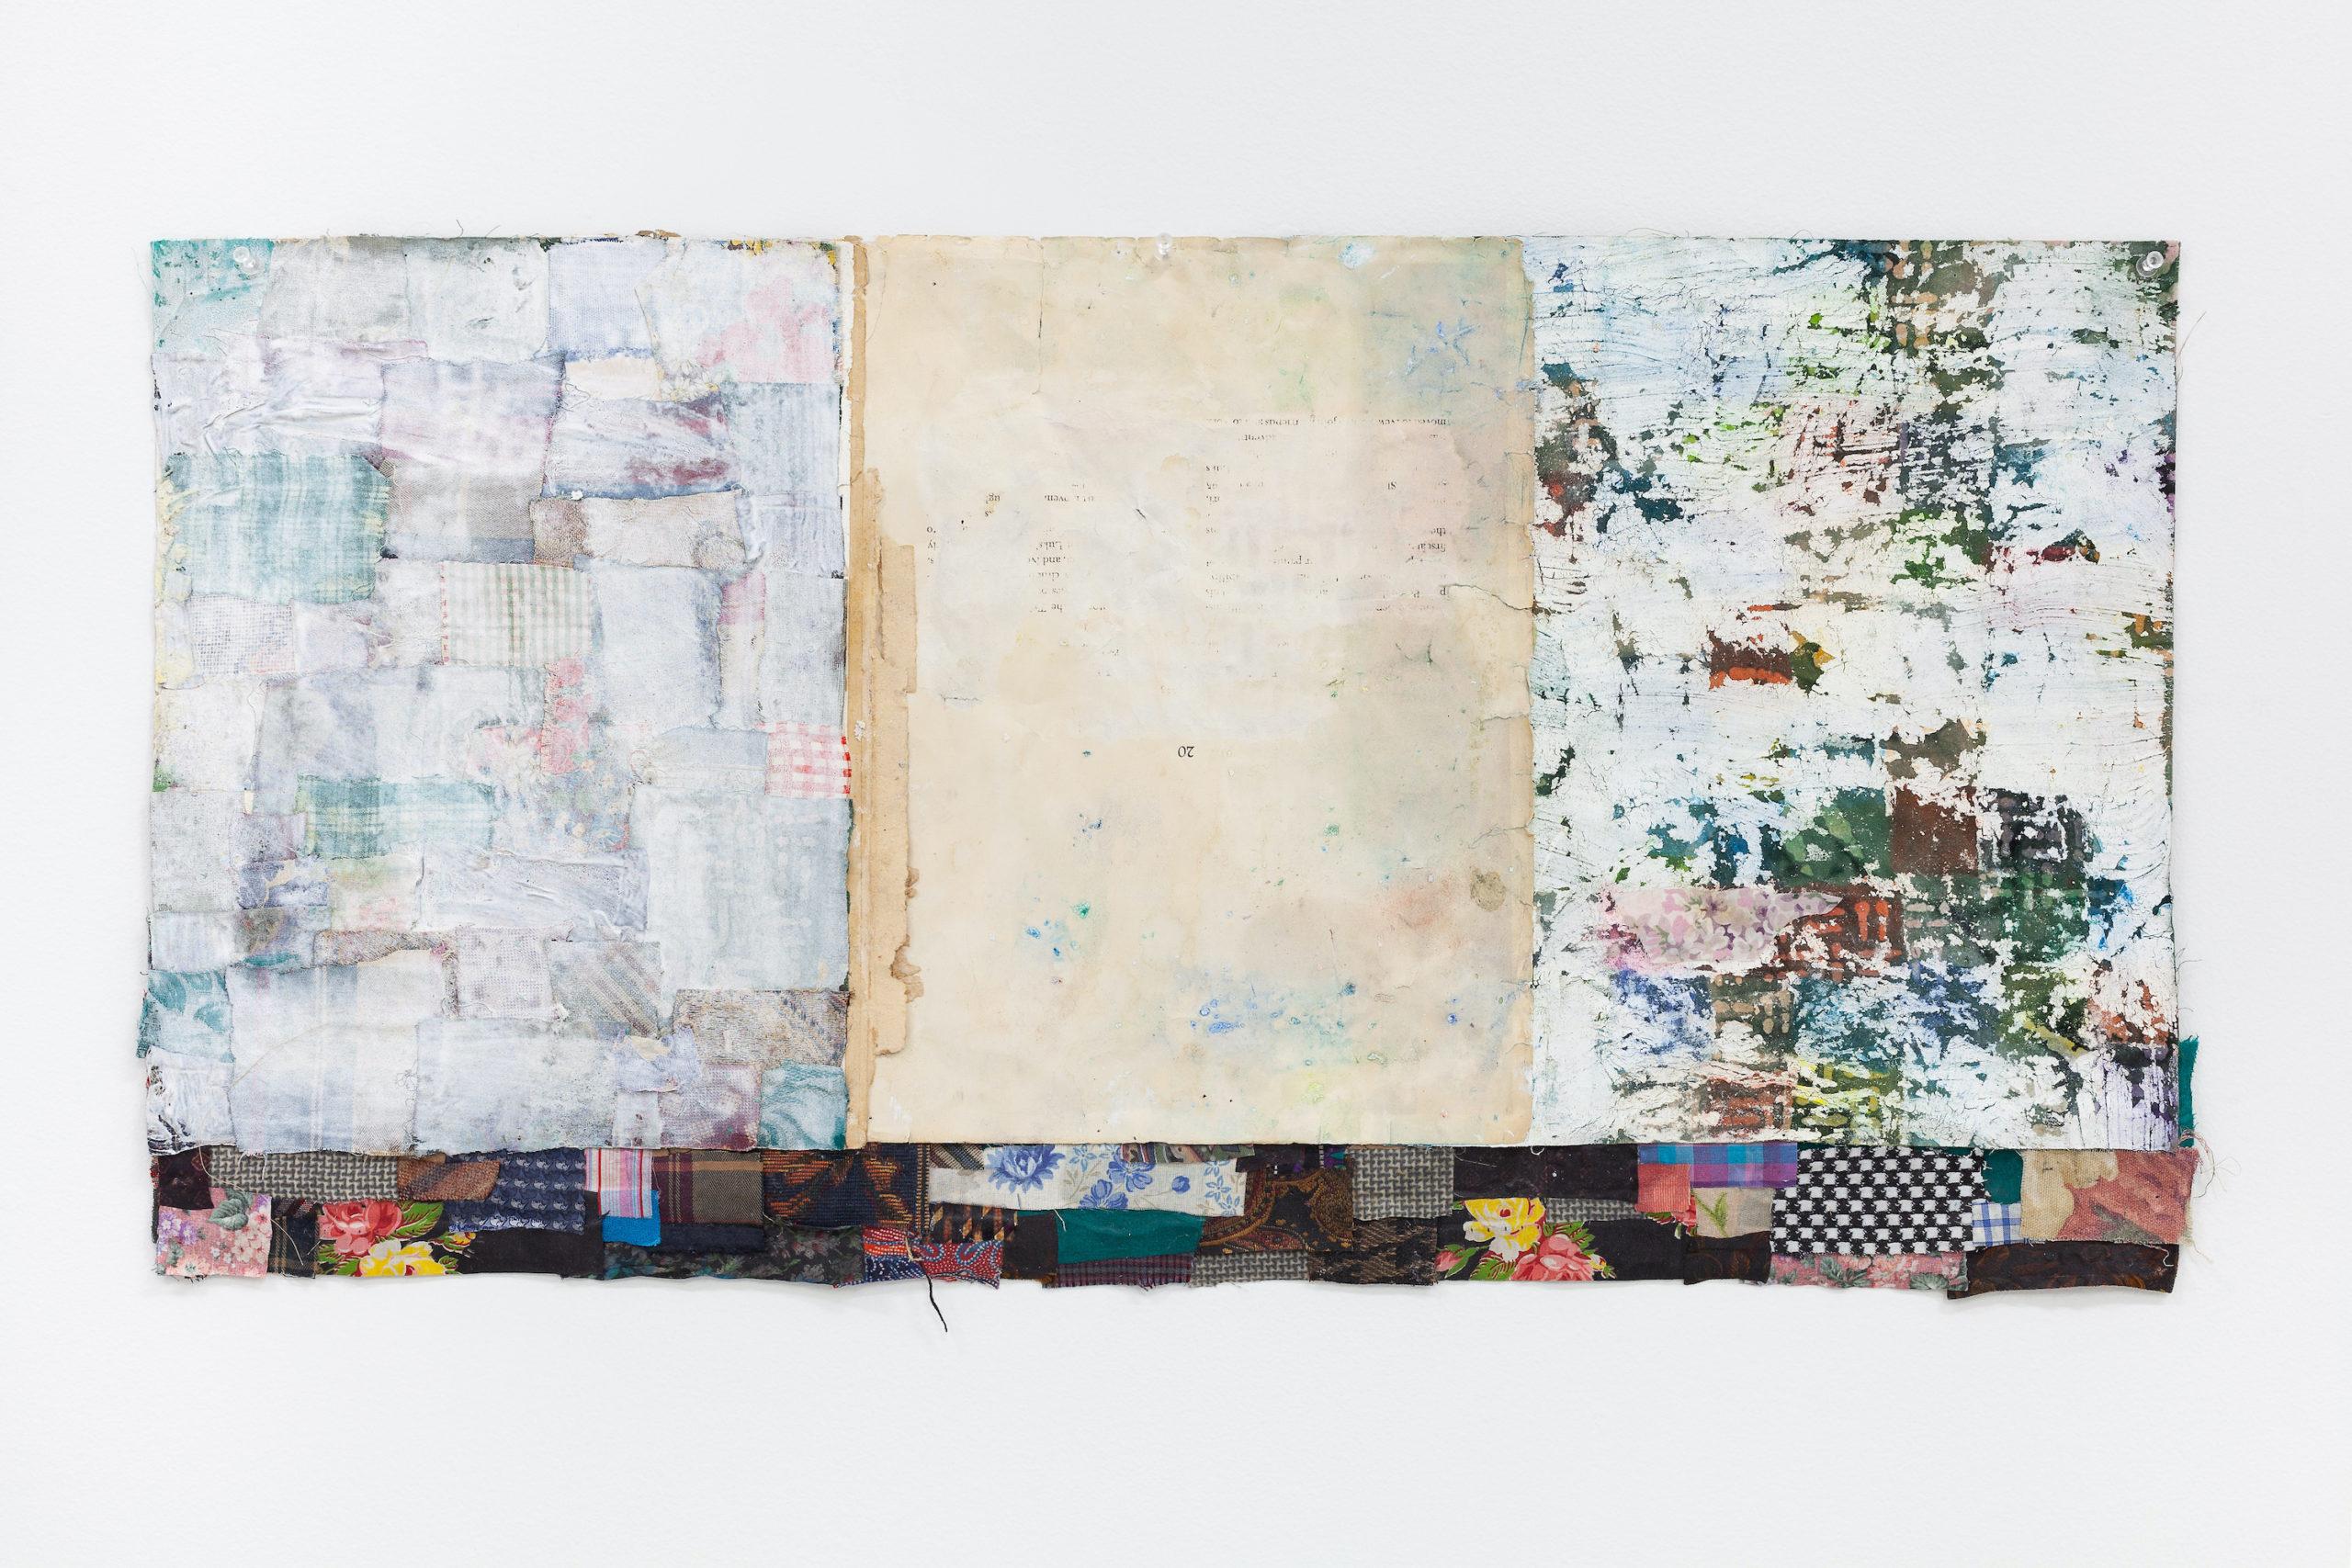 Yanira Collado, Untitled, 2016